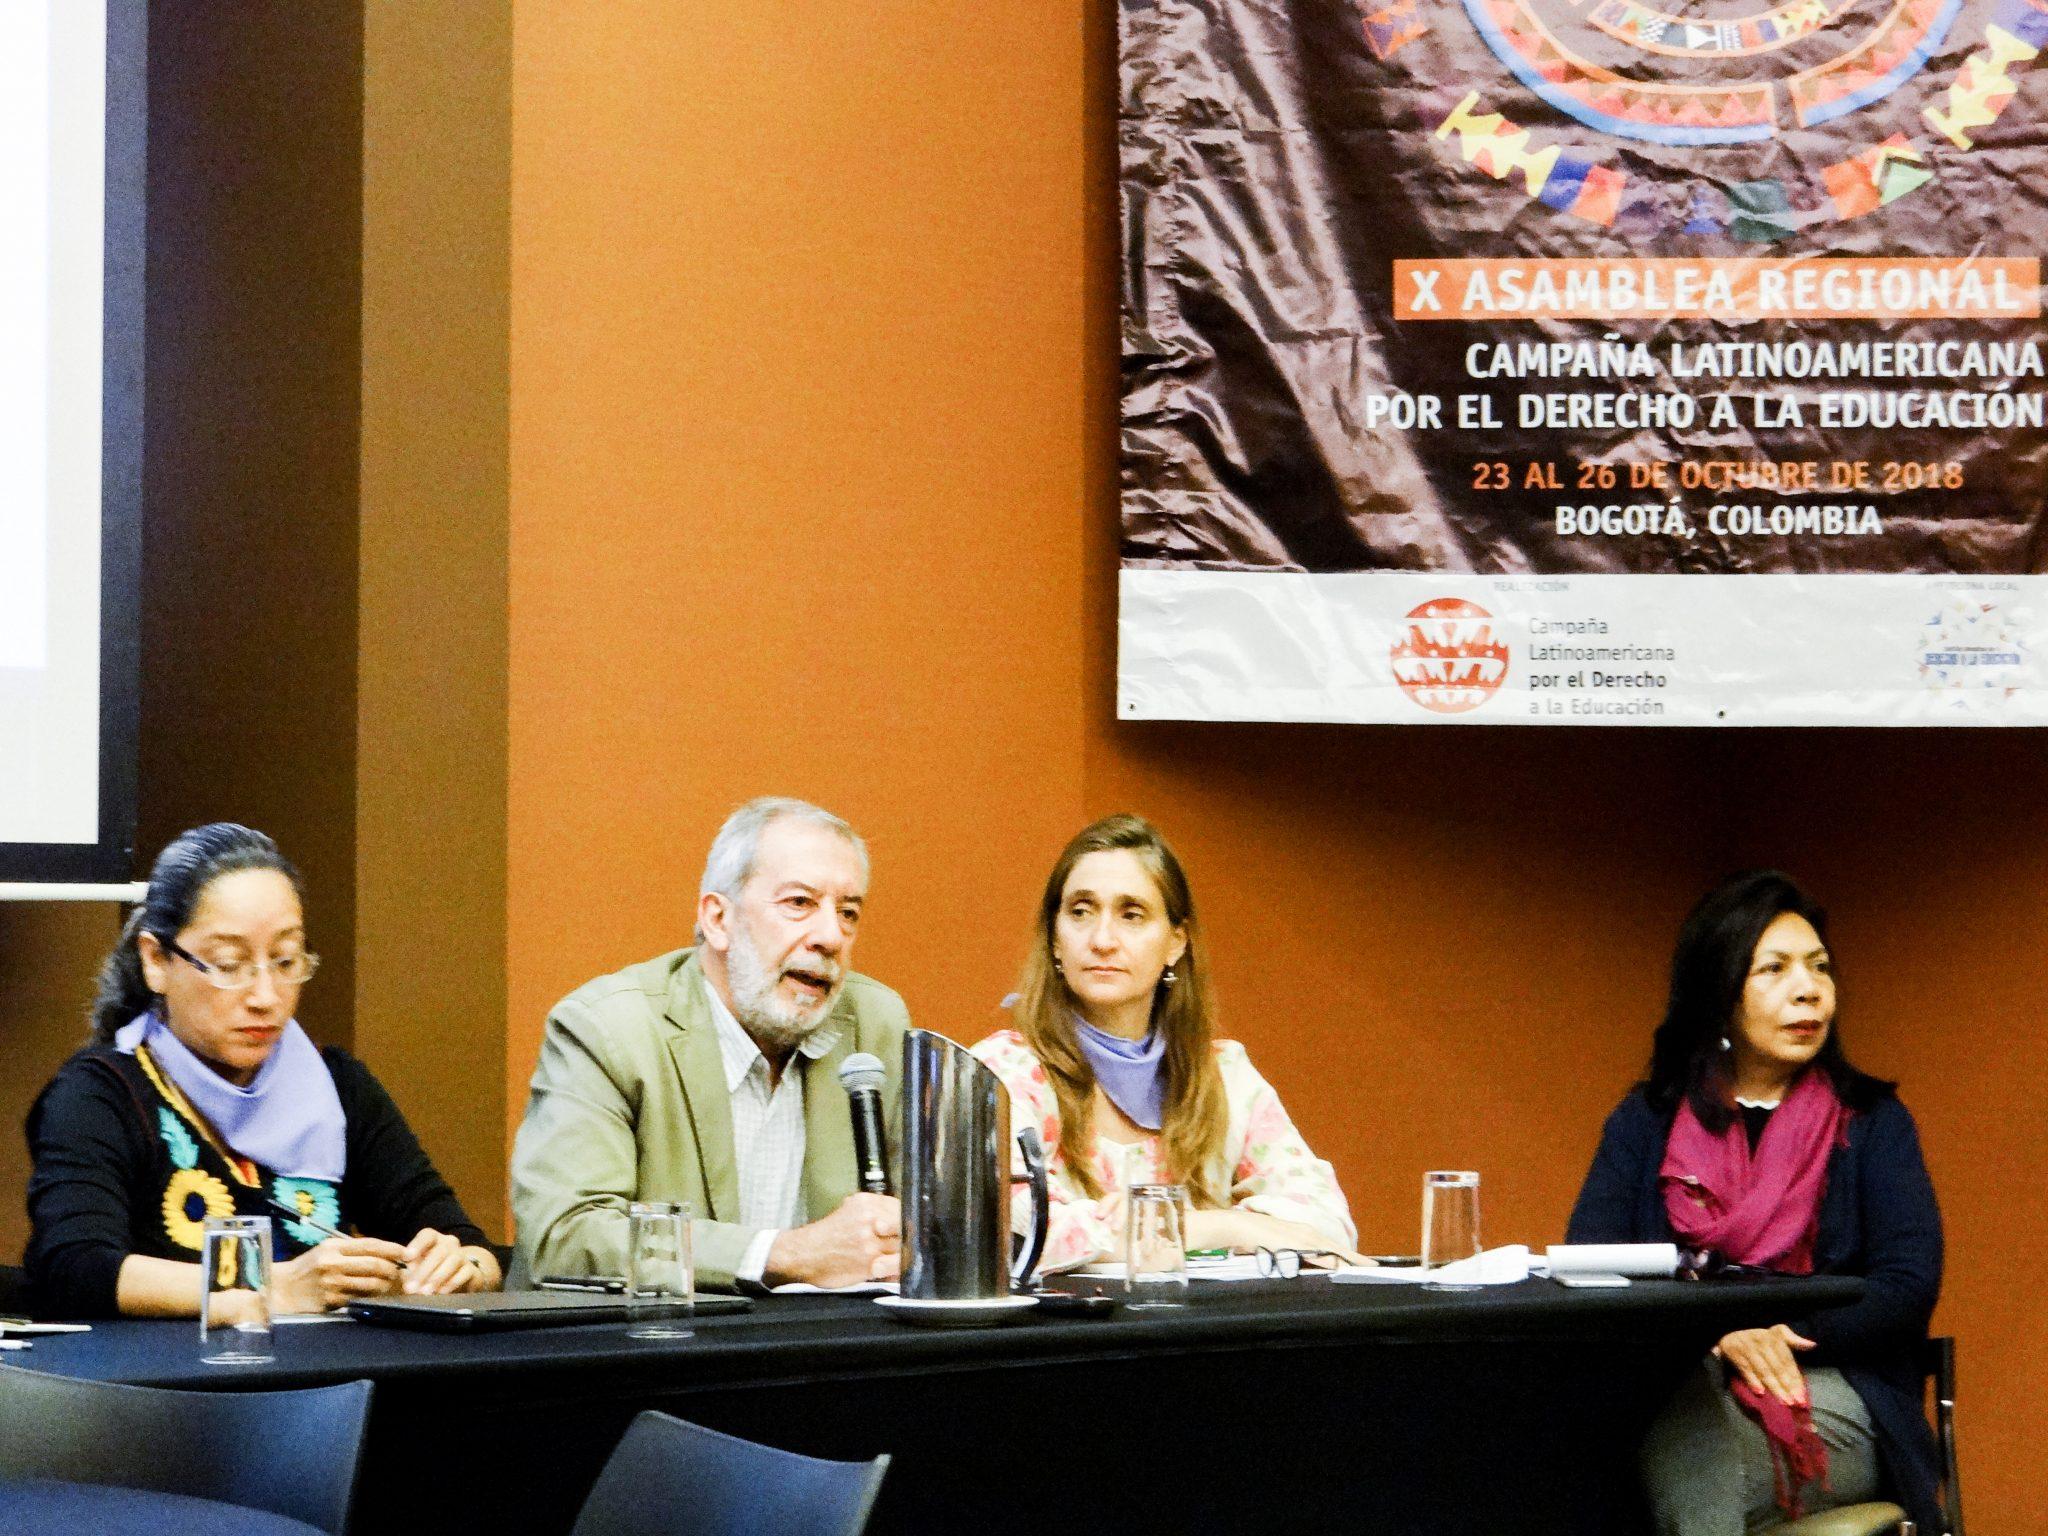 América Latina y el Caribe: el debilitamiento de las democracias y sus impactos en el derecho humano a la educación